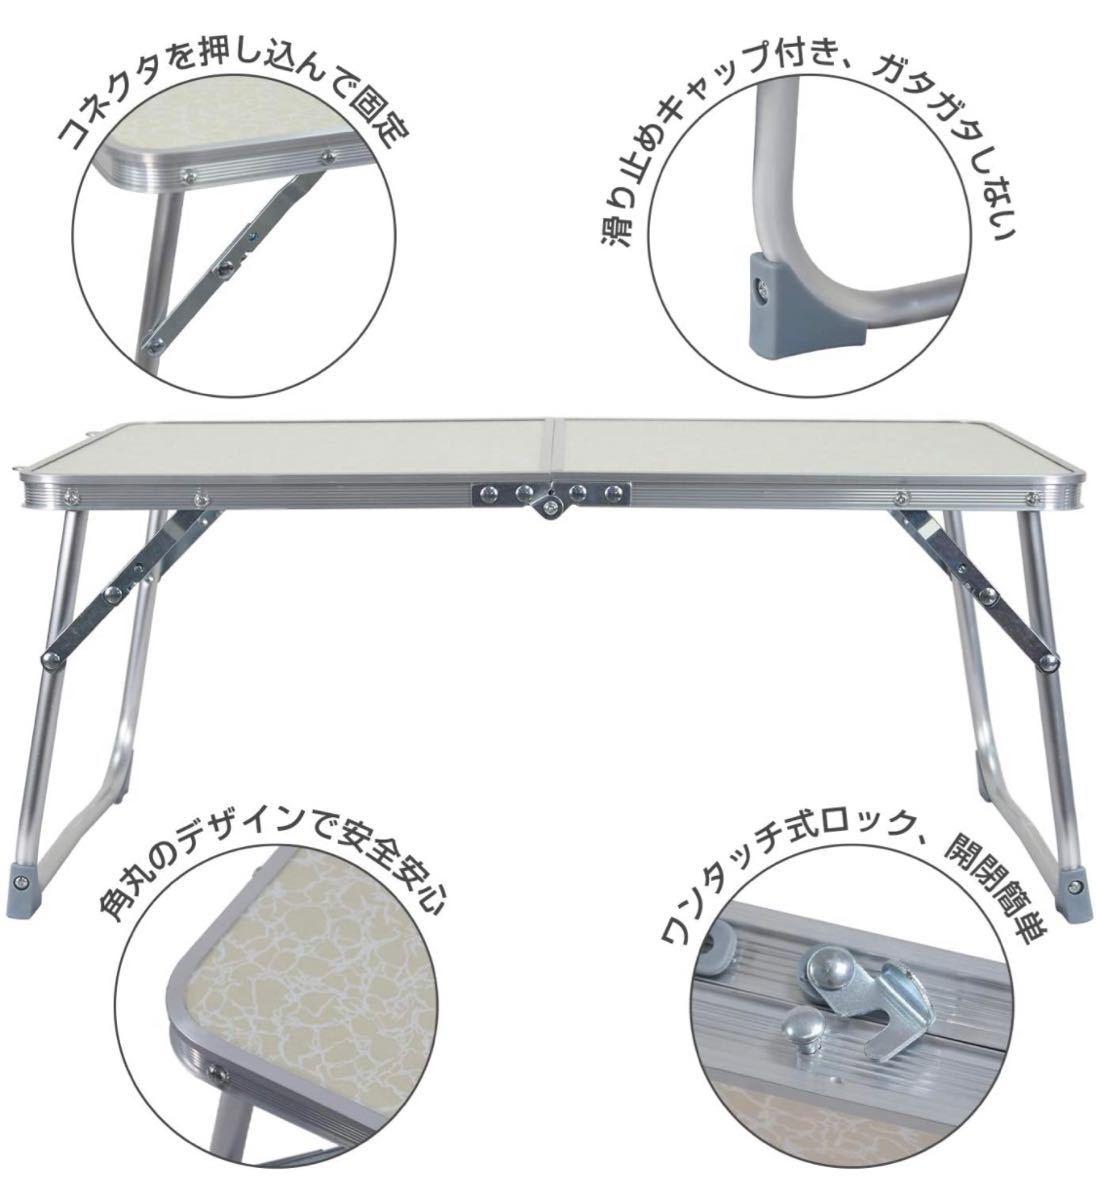 折り畳み式ローテーブル ミニテーブル アウトドア サイドテーブル お花見